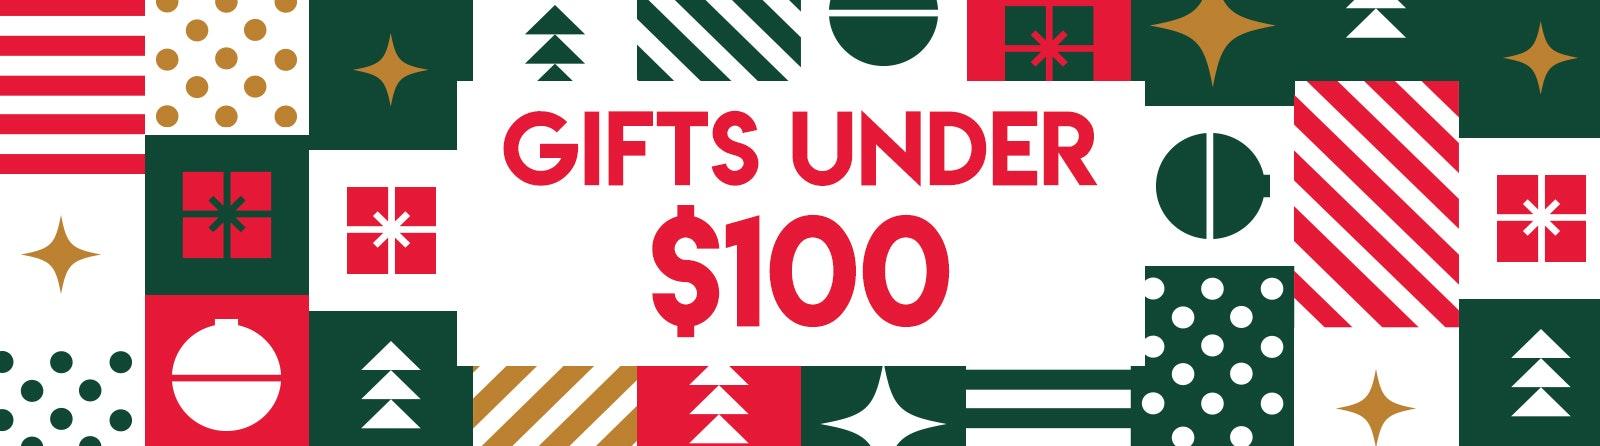 Gifts Under $100 Banner